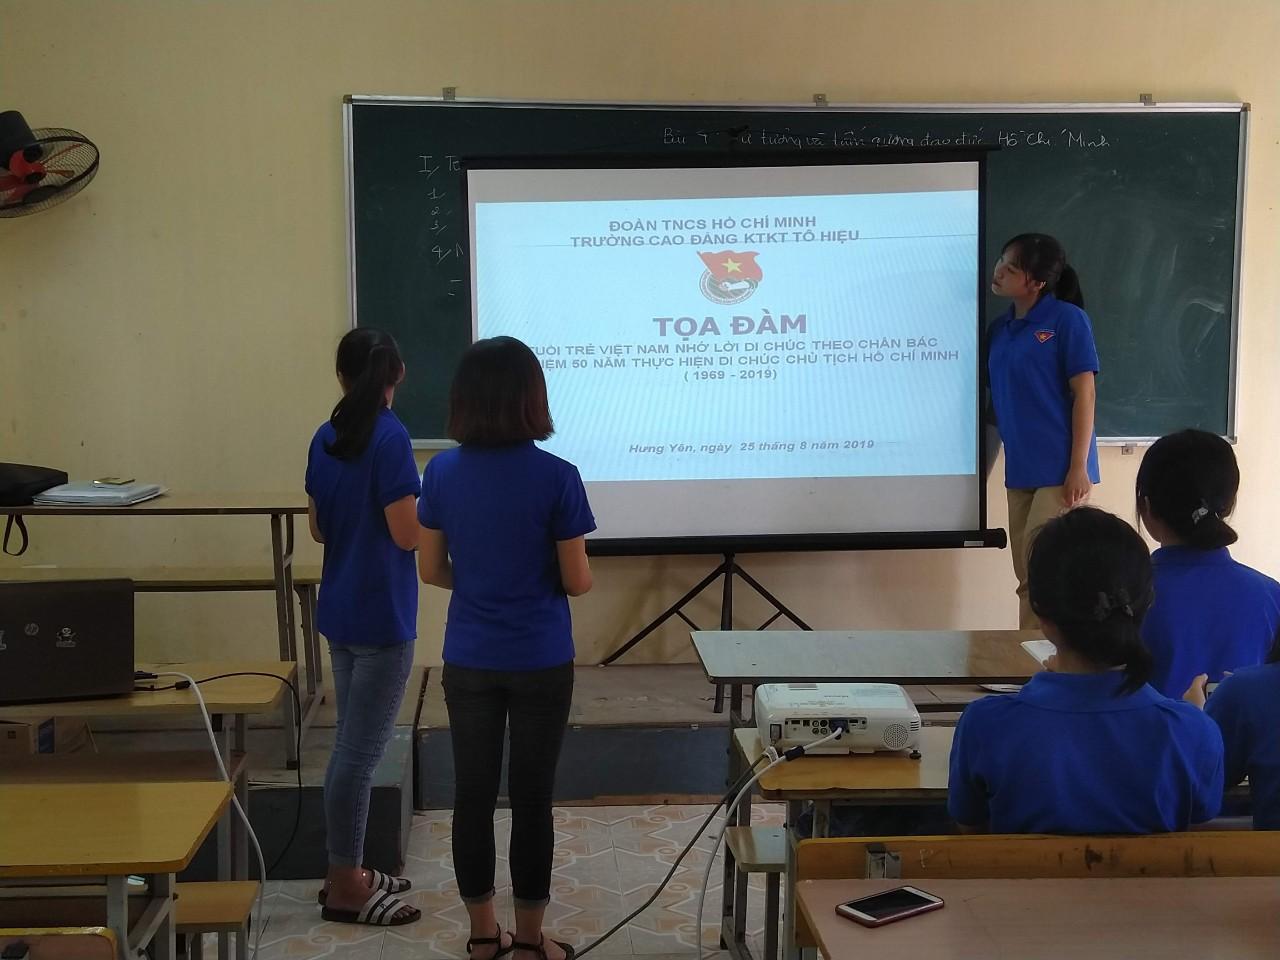 Đoàn trường Cao đẳng Kinh tế kỹ thuật Tô Hiệu tổ chức hội nghị tuyên truyền tác hại rượu bia, thuốc lá, chất kích thích cho cán bộ đoàn và đoàn viên thanh niên